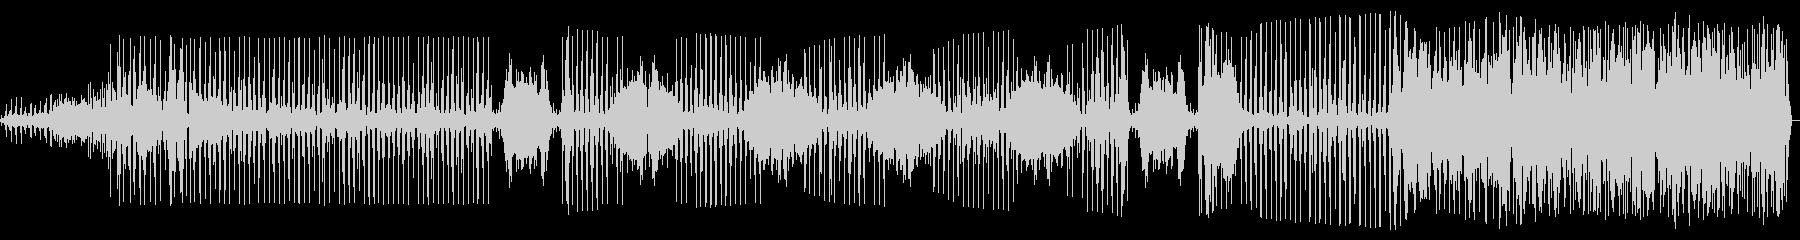 干渉のあるバンド全体の無線の調整の未再生の波形